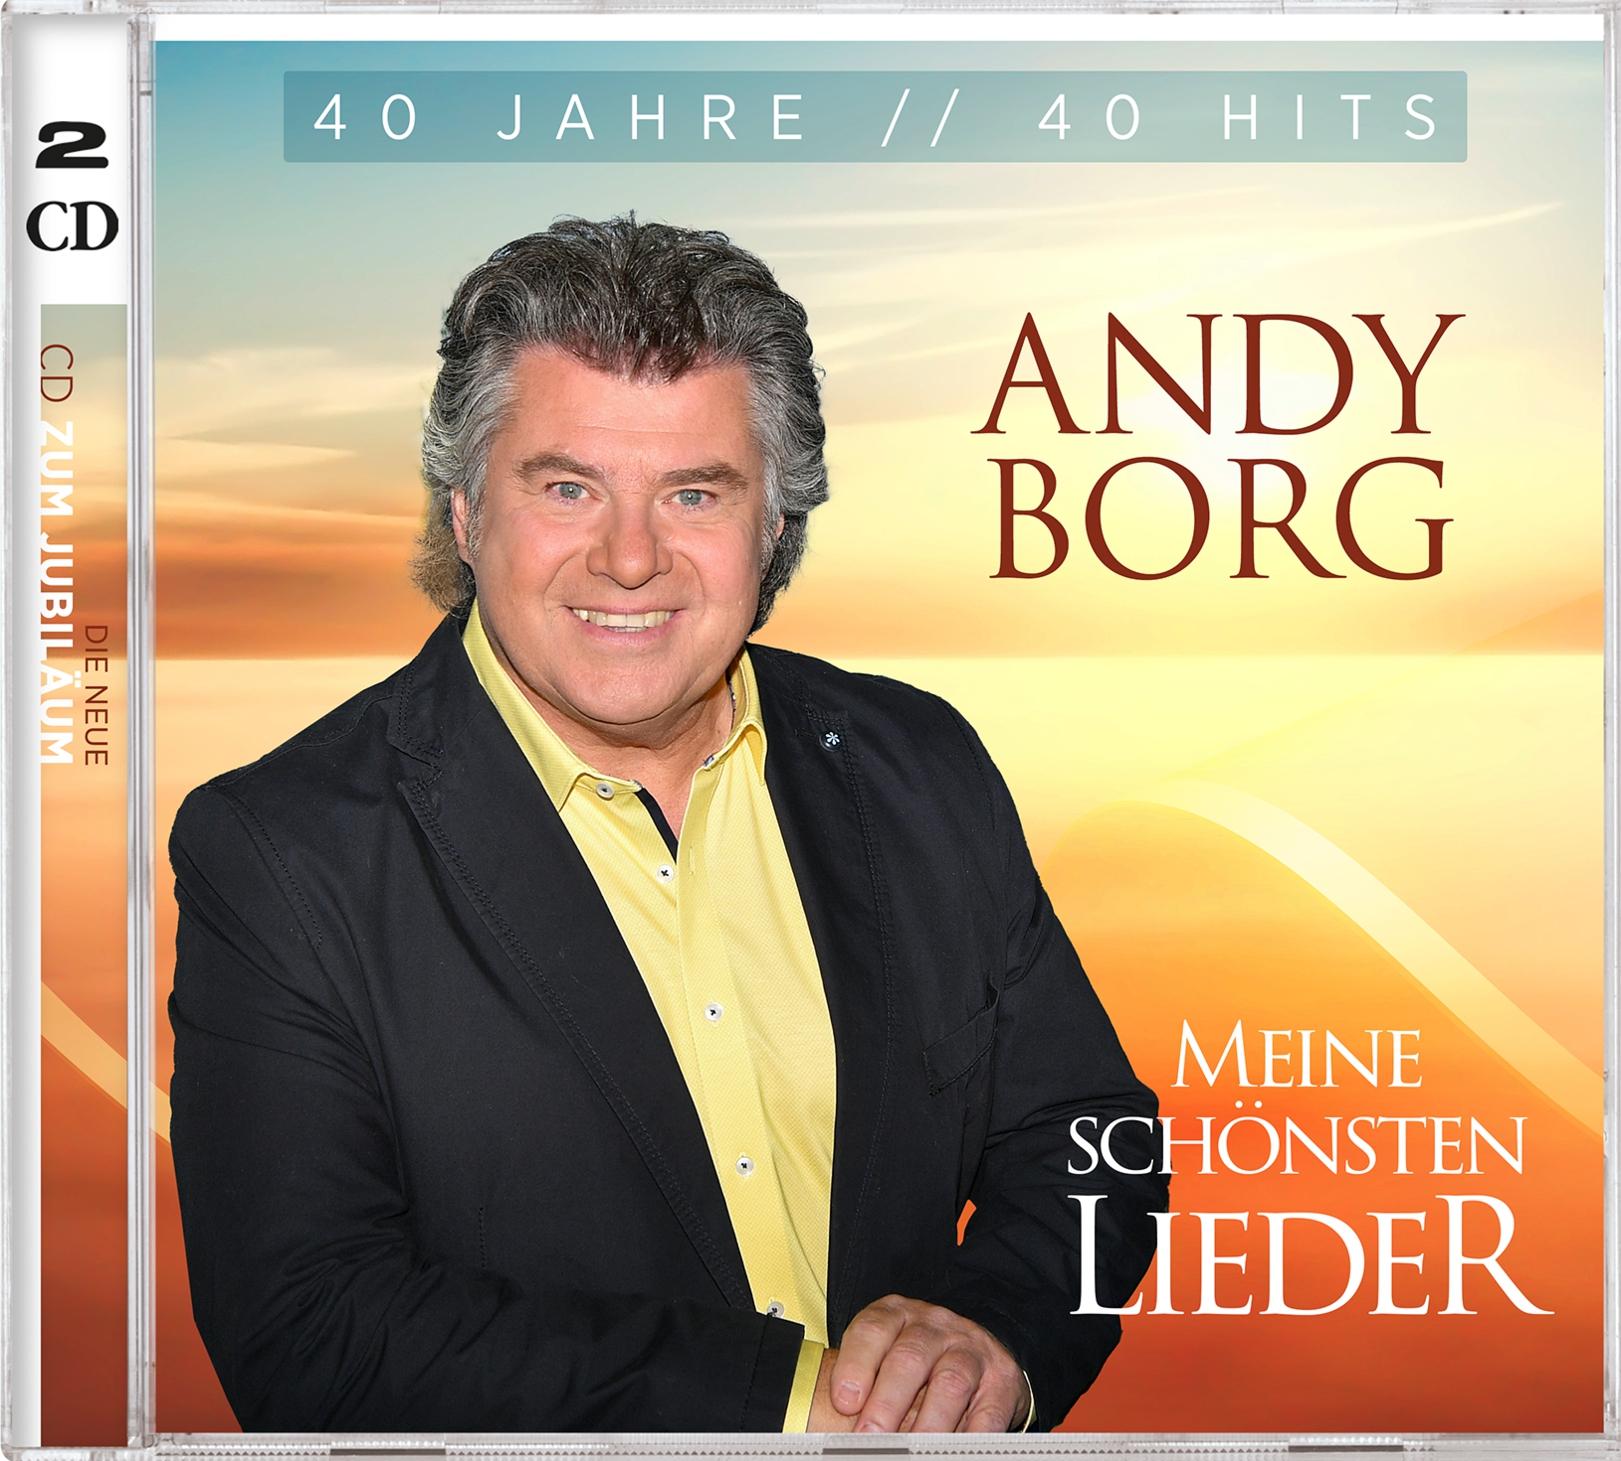 Andy Borg - Meine schönsten Lieder - 40 Jahre 40 Hits (2021)